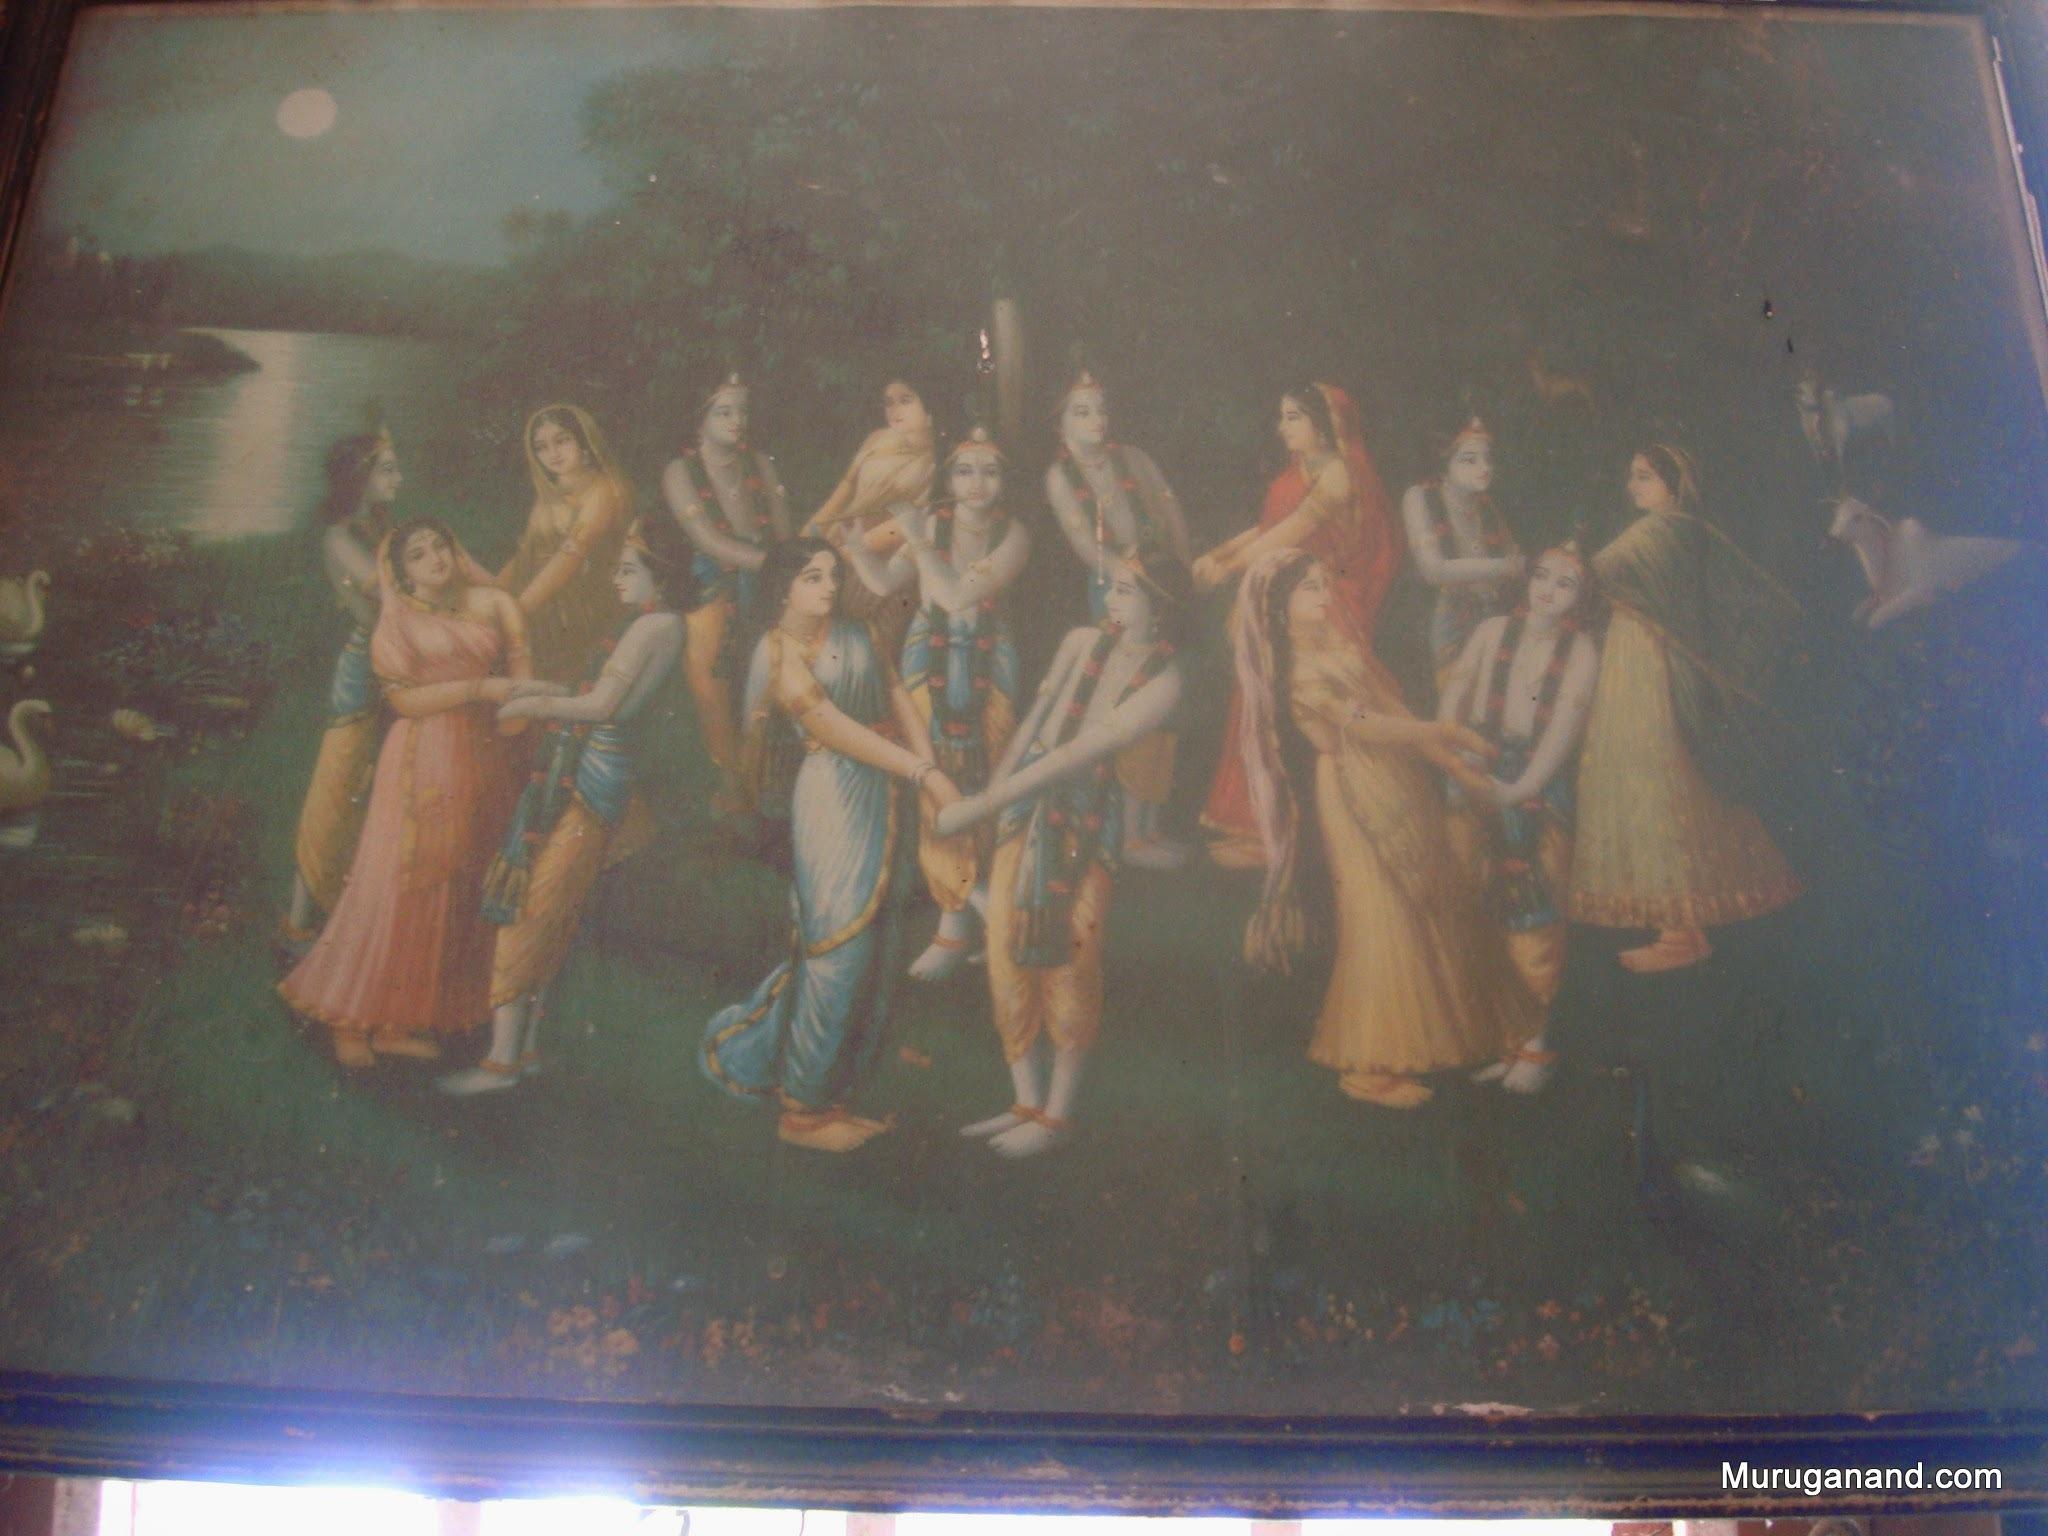 A vintage oleograph- is it Ravi Varma's?